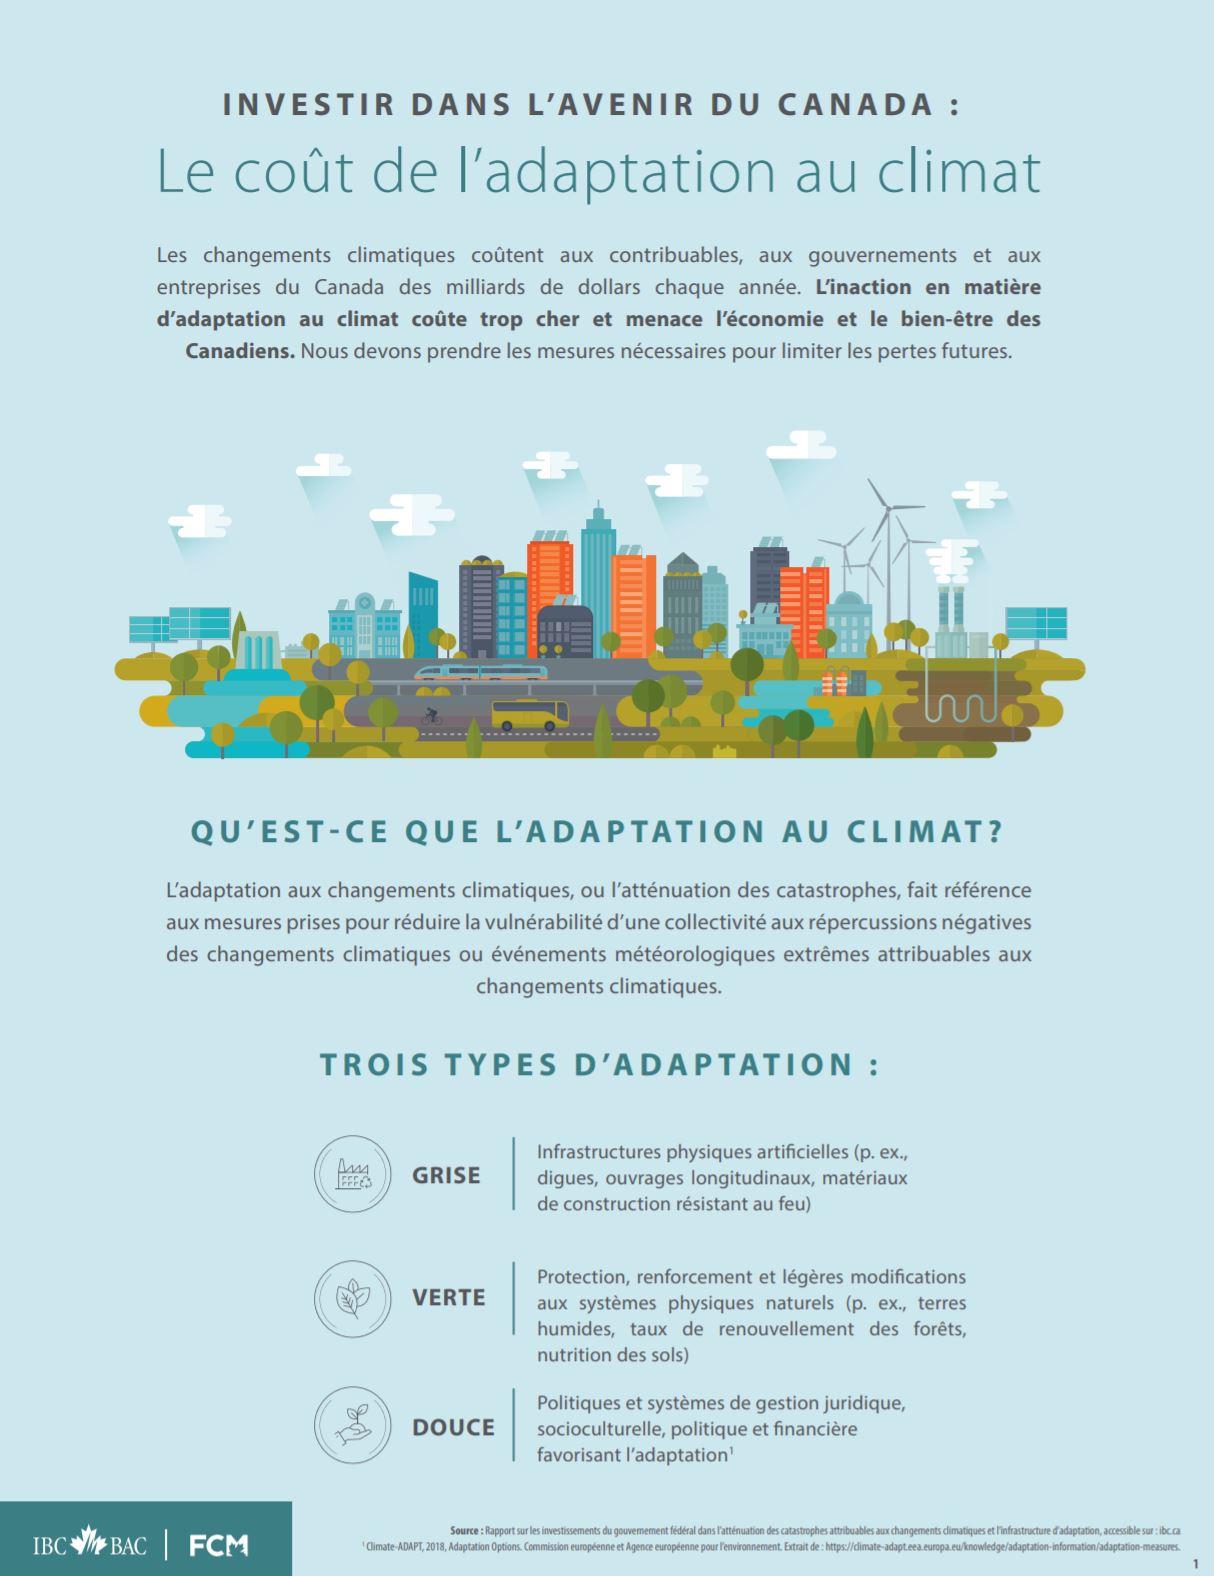 Le coût de l'adaptation au climat sommaire